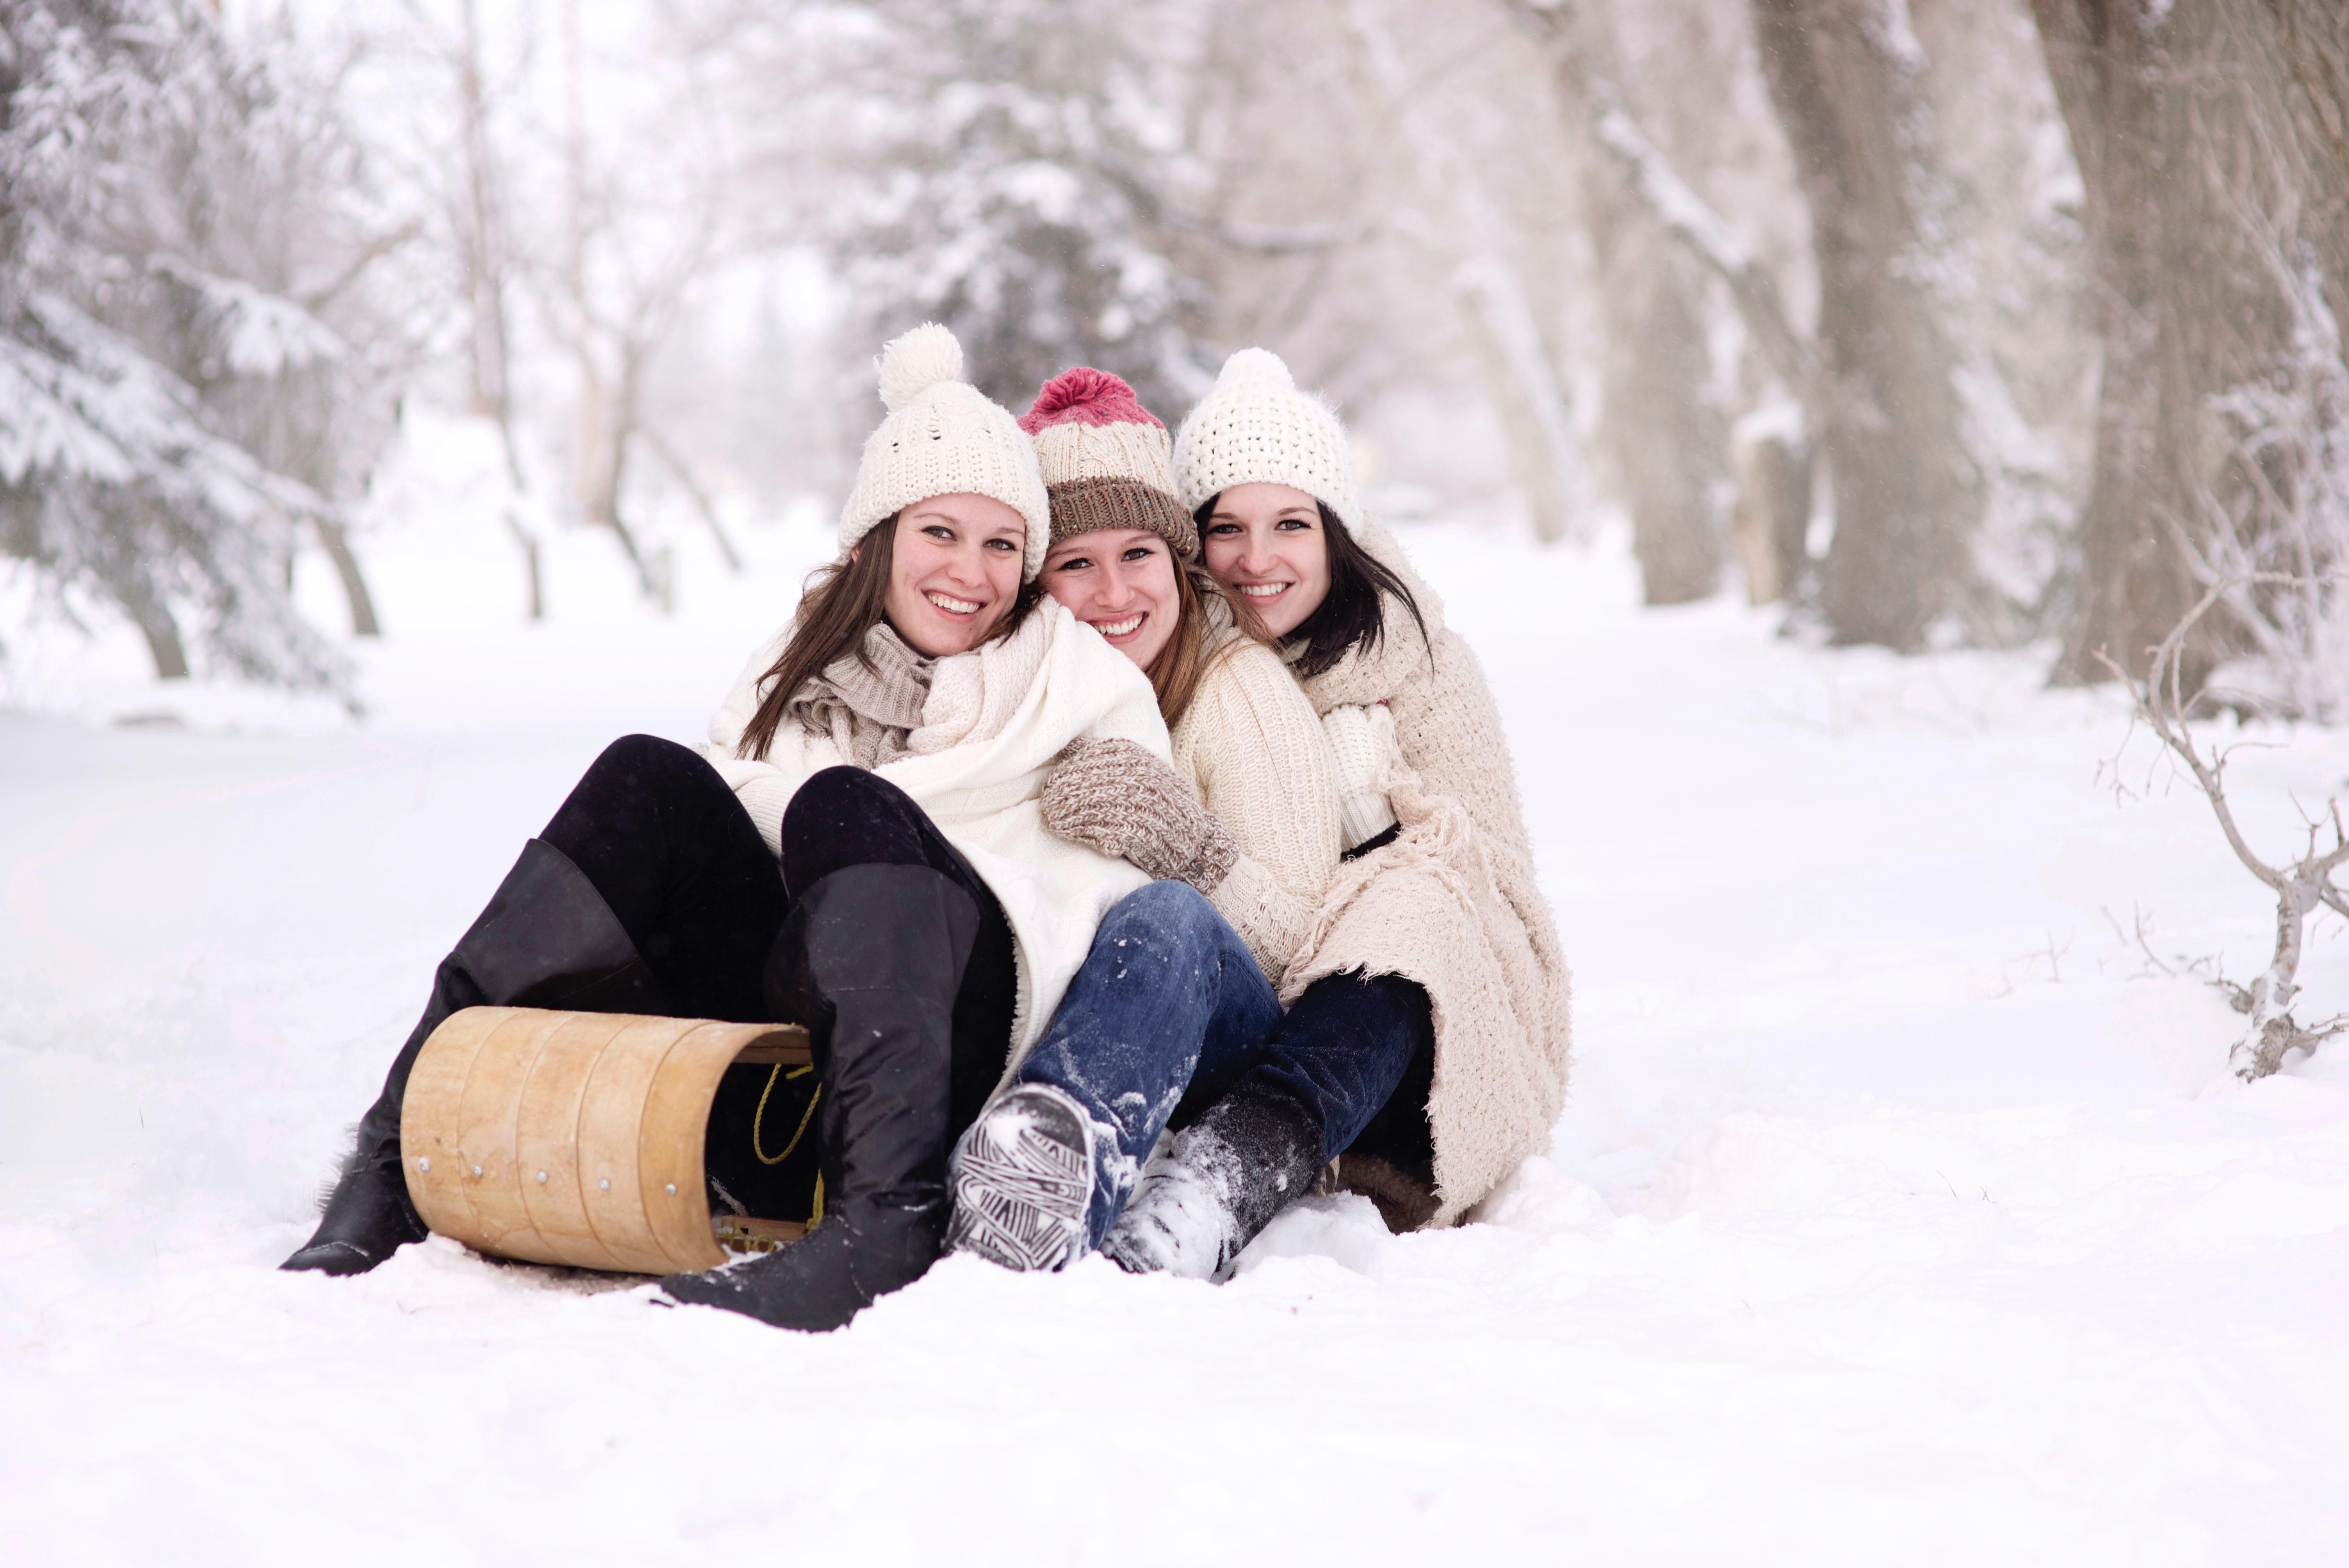 Жизненные фотографии группы людей зимой